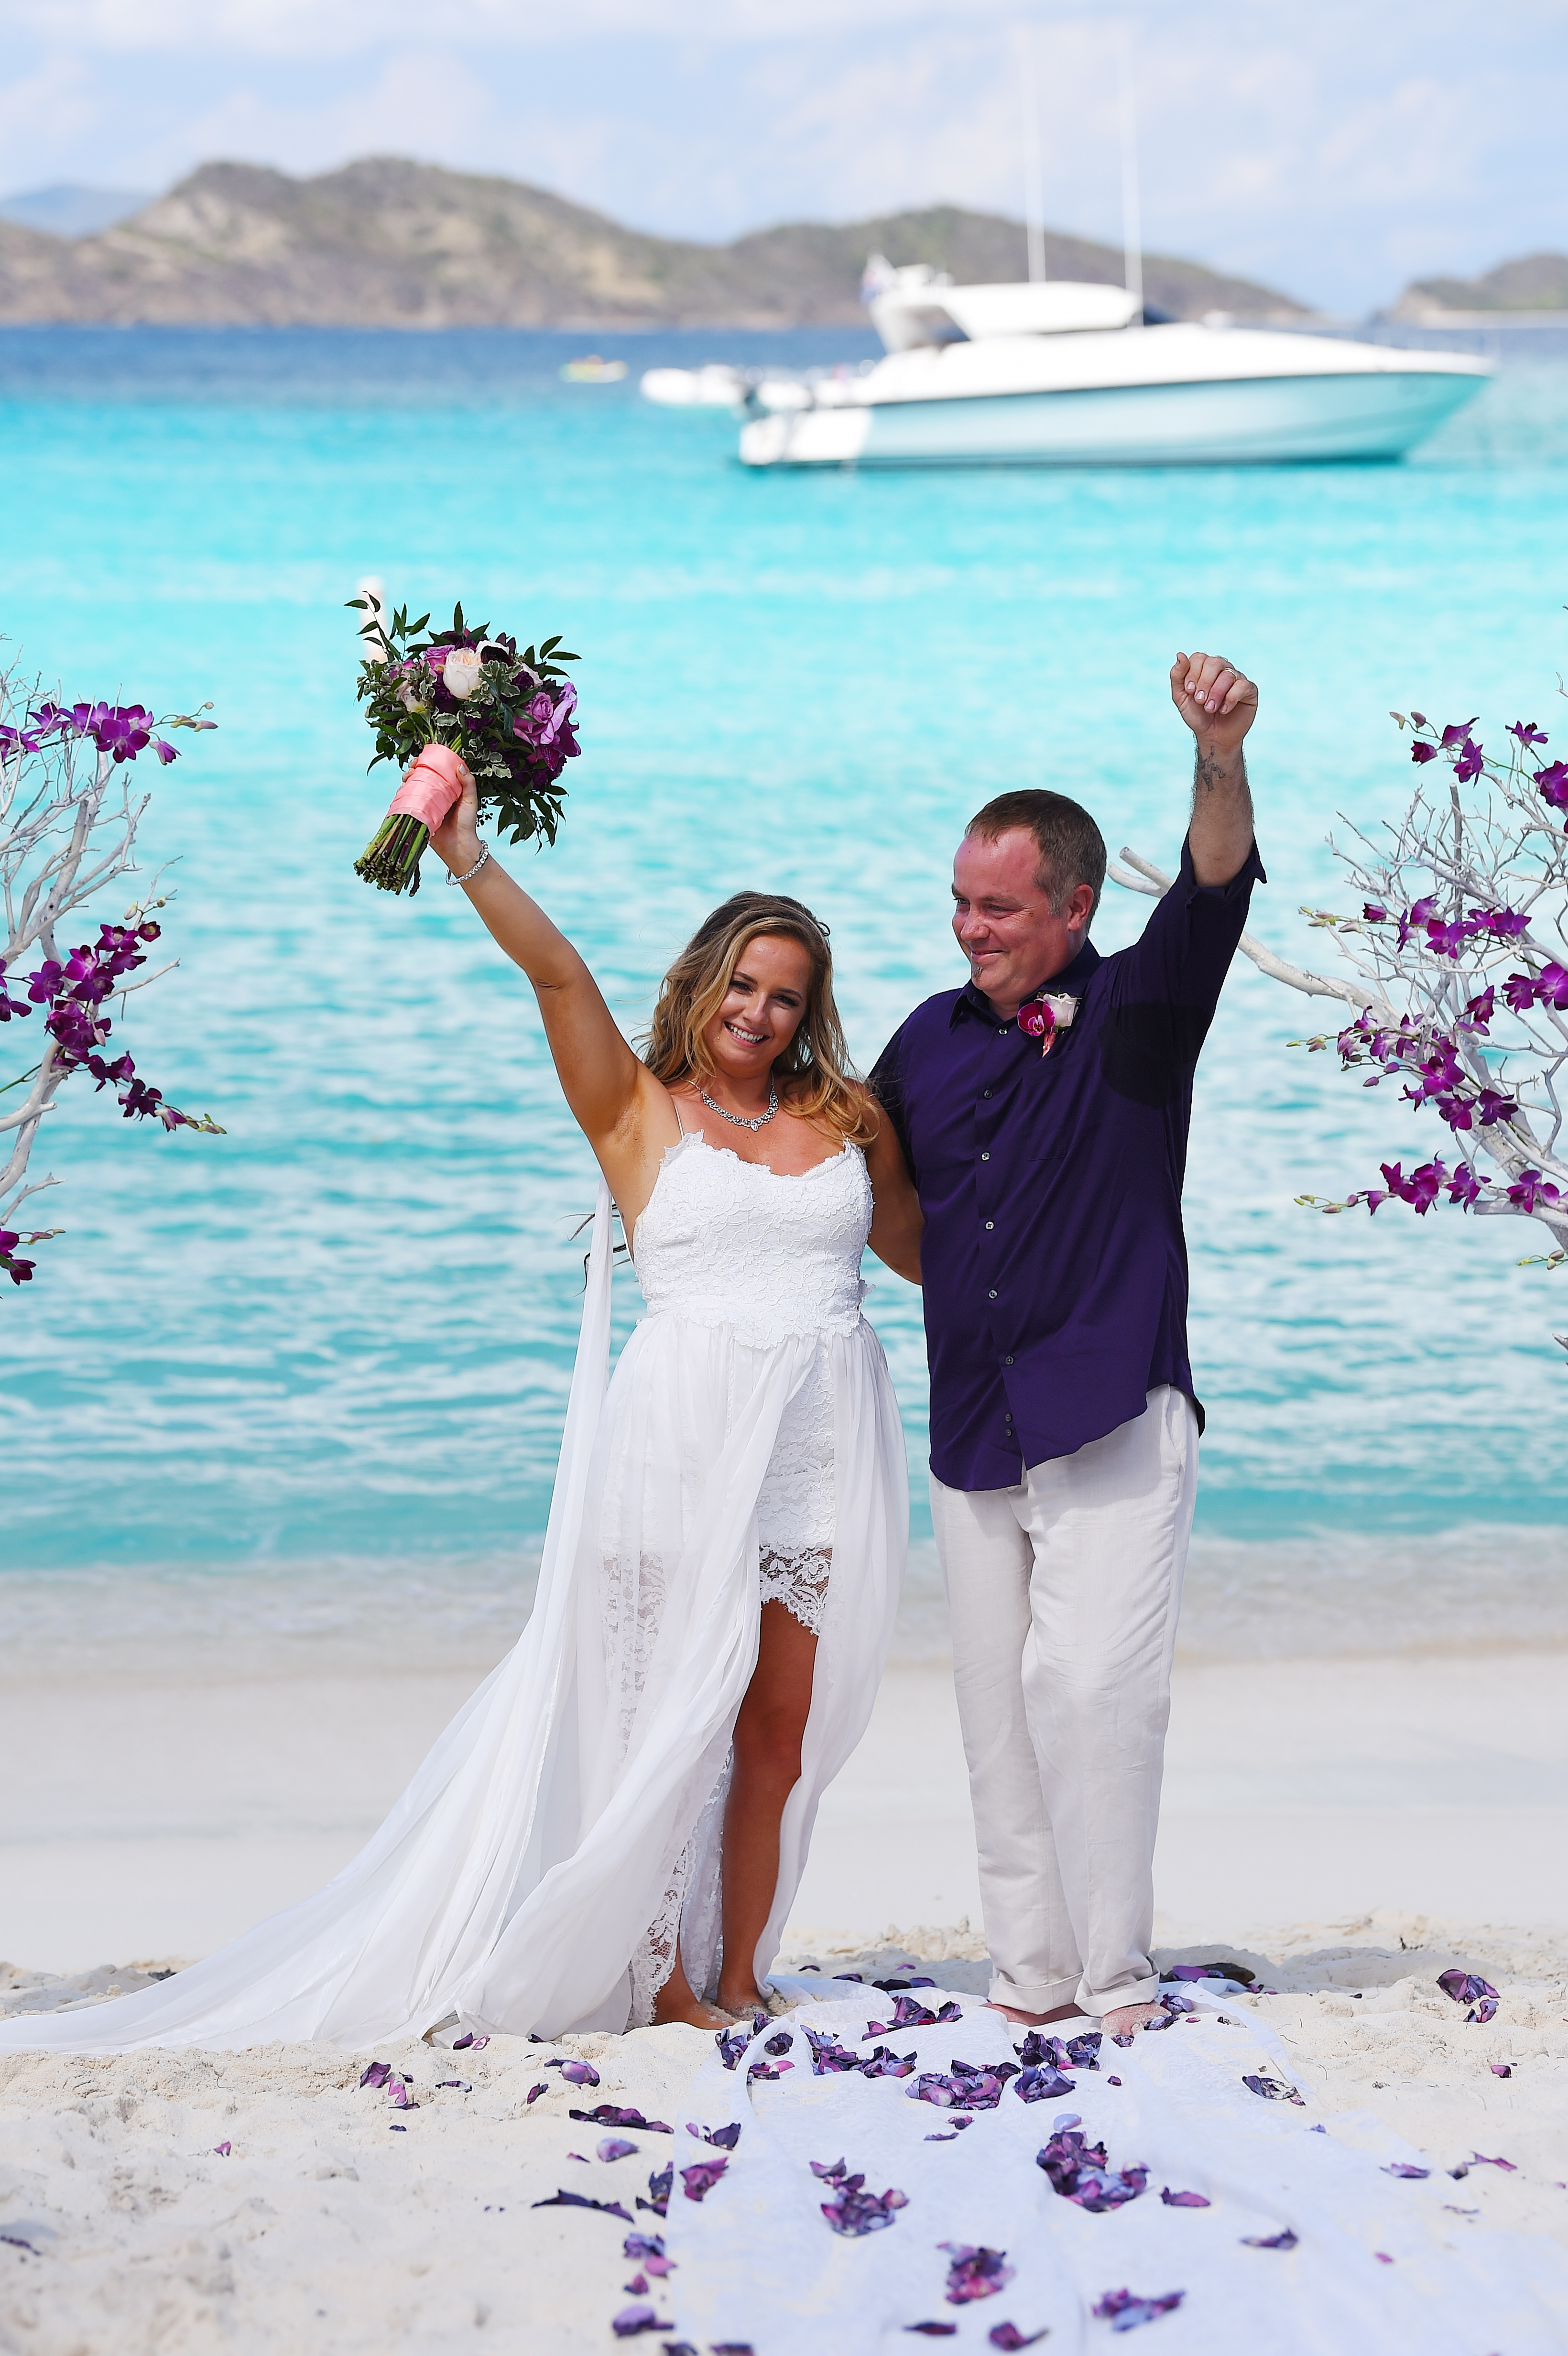 Cruise Ship Wedding | St. Thomas Weddings - Irie Matrimony